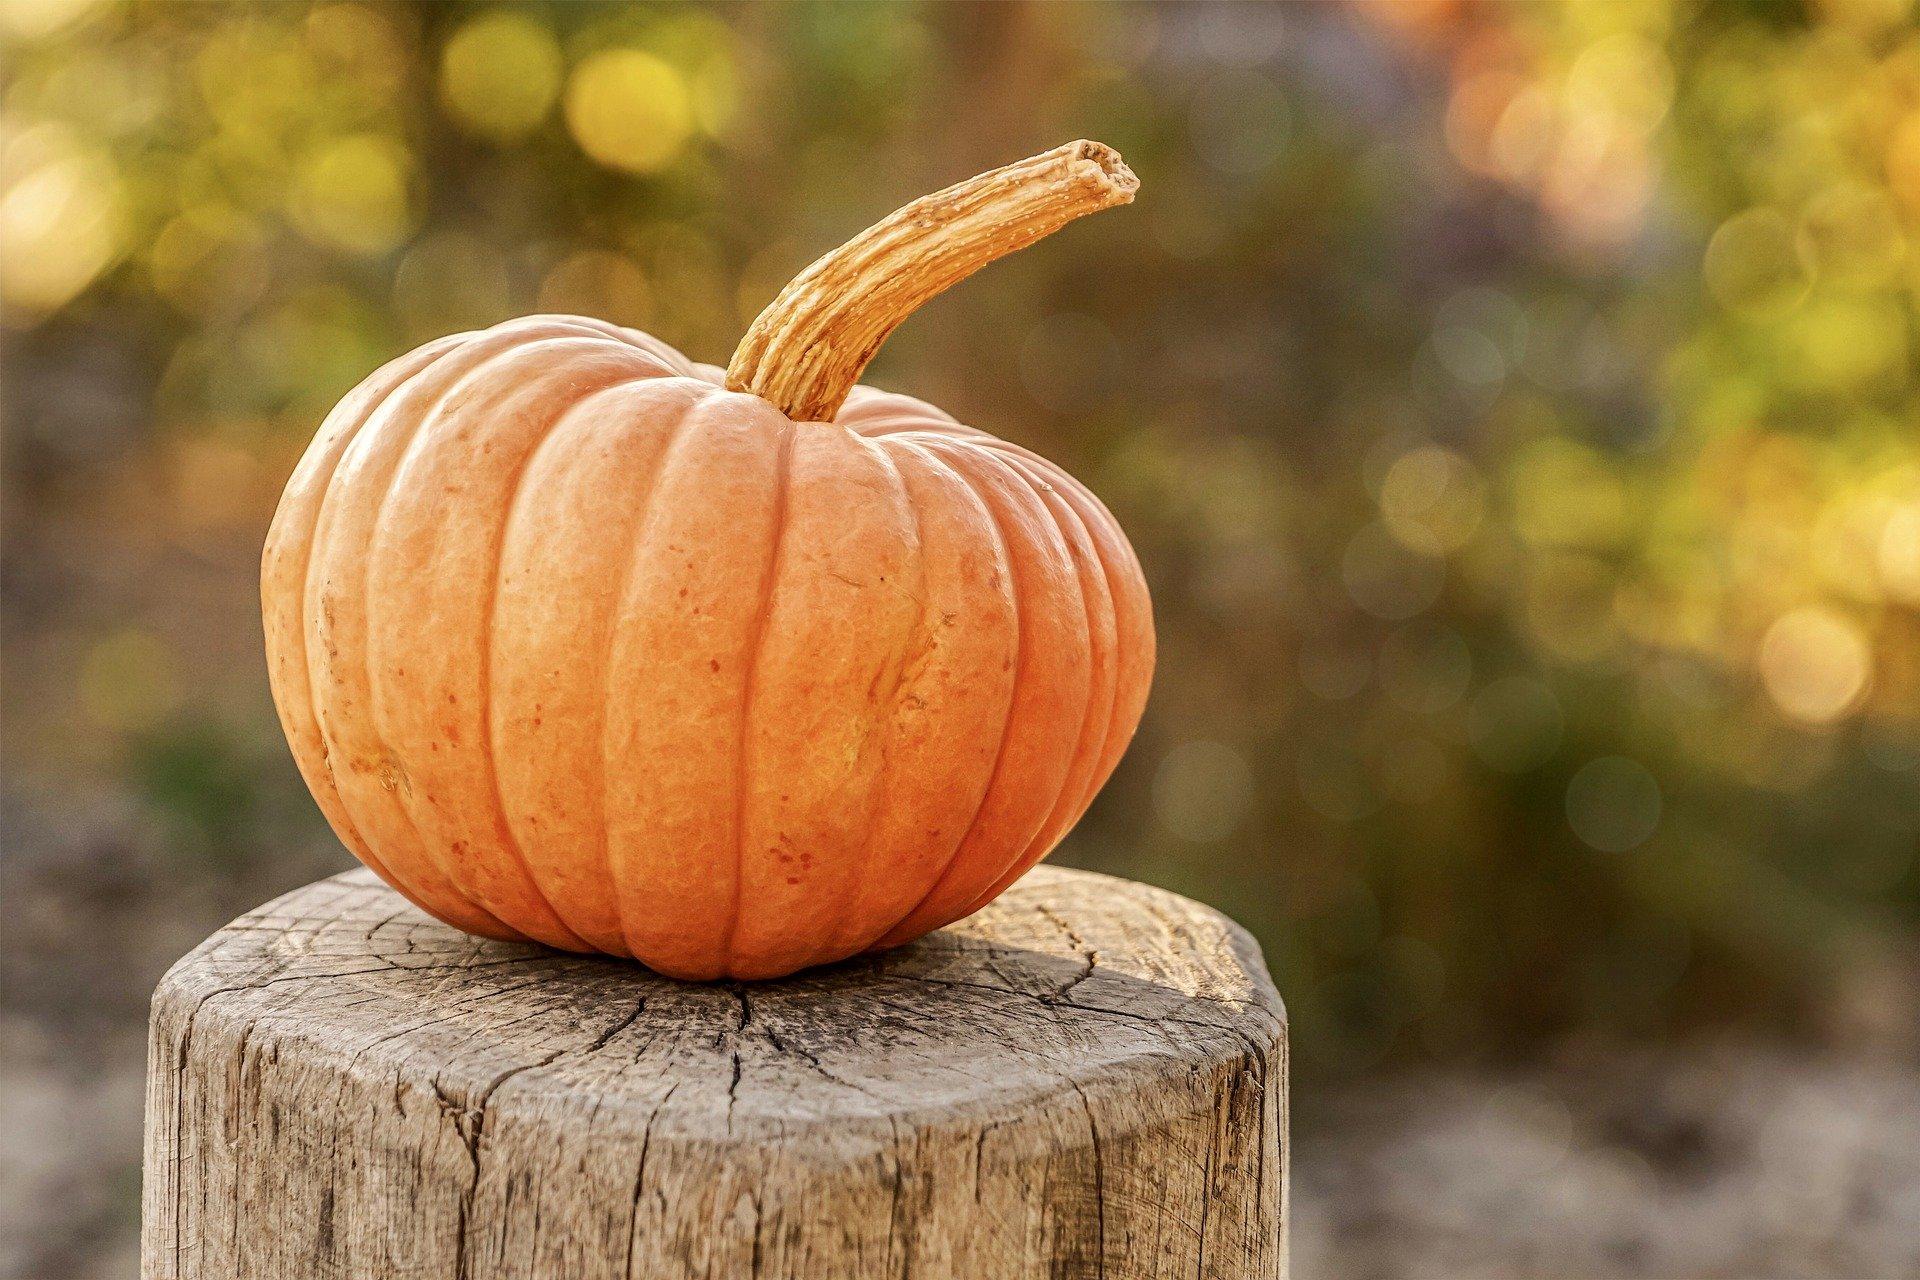 """Saisonal startete das """"Grüne Klassenzimmer"""" heute mit dem Thema Herbst, Ernte und dem Schnitzen eines Halloweenkürbis."""